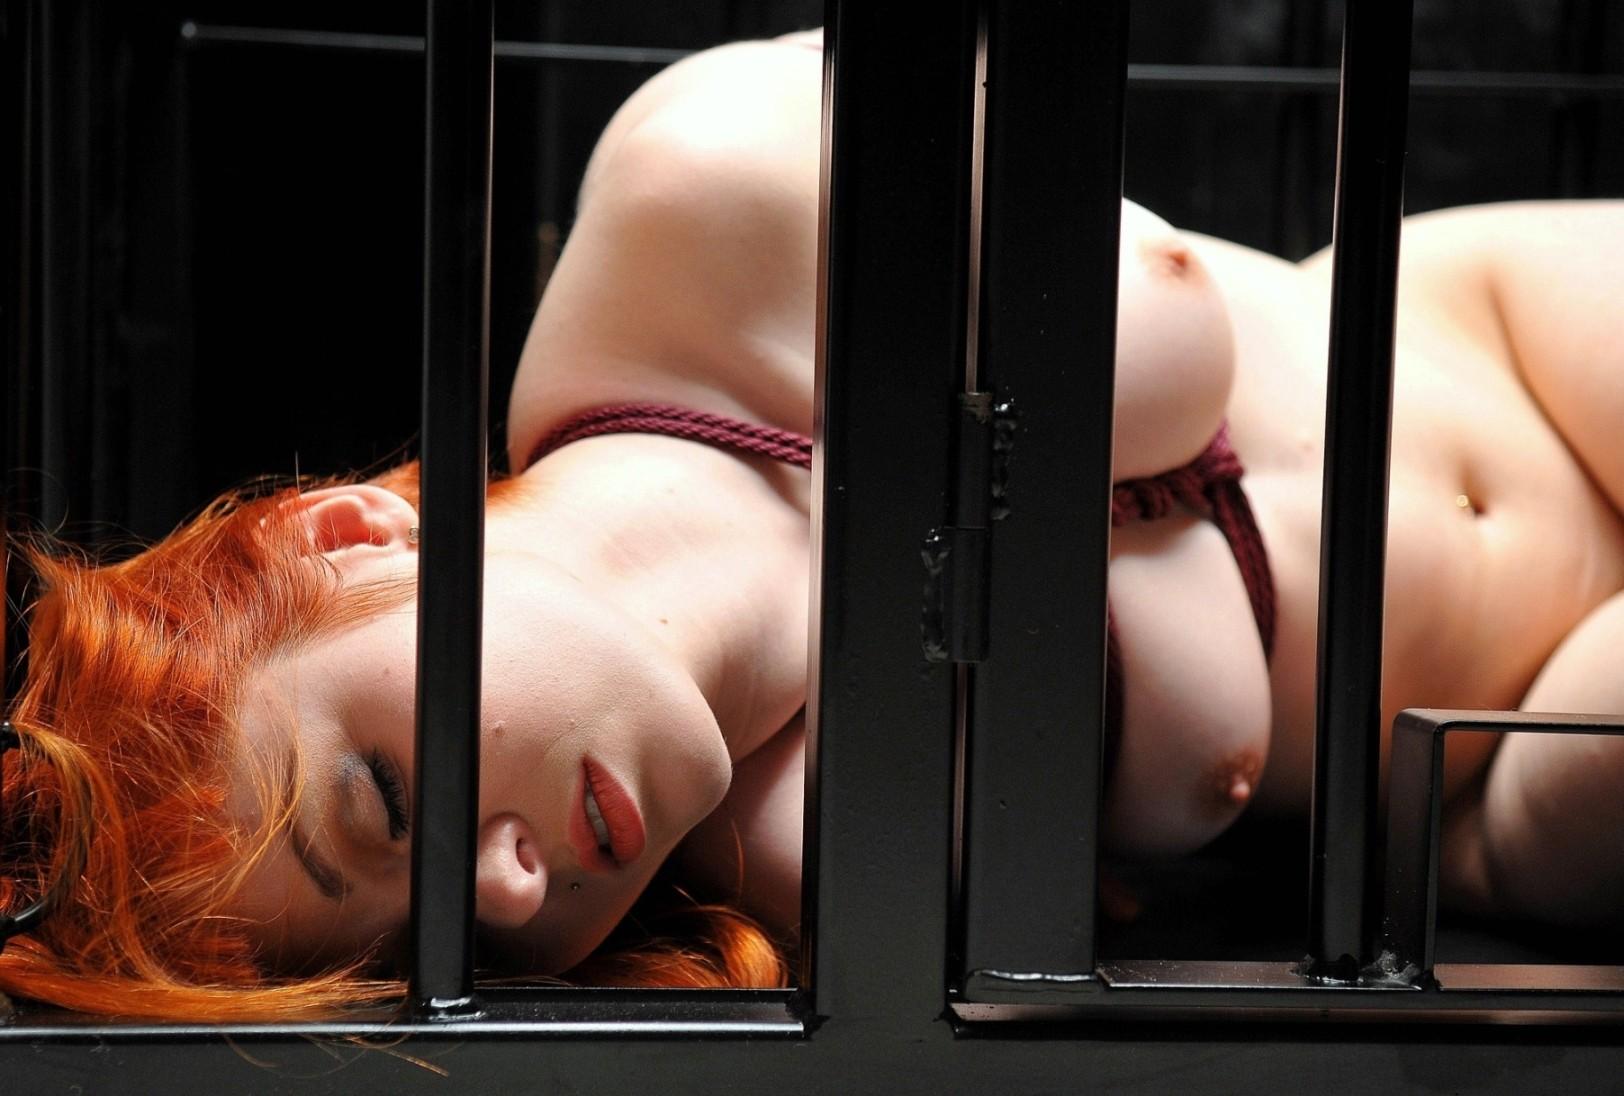 【SMエロ画像】惨め過ぎて逆に従いたくなる…狭い檻に閉じ込められたM女www 04